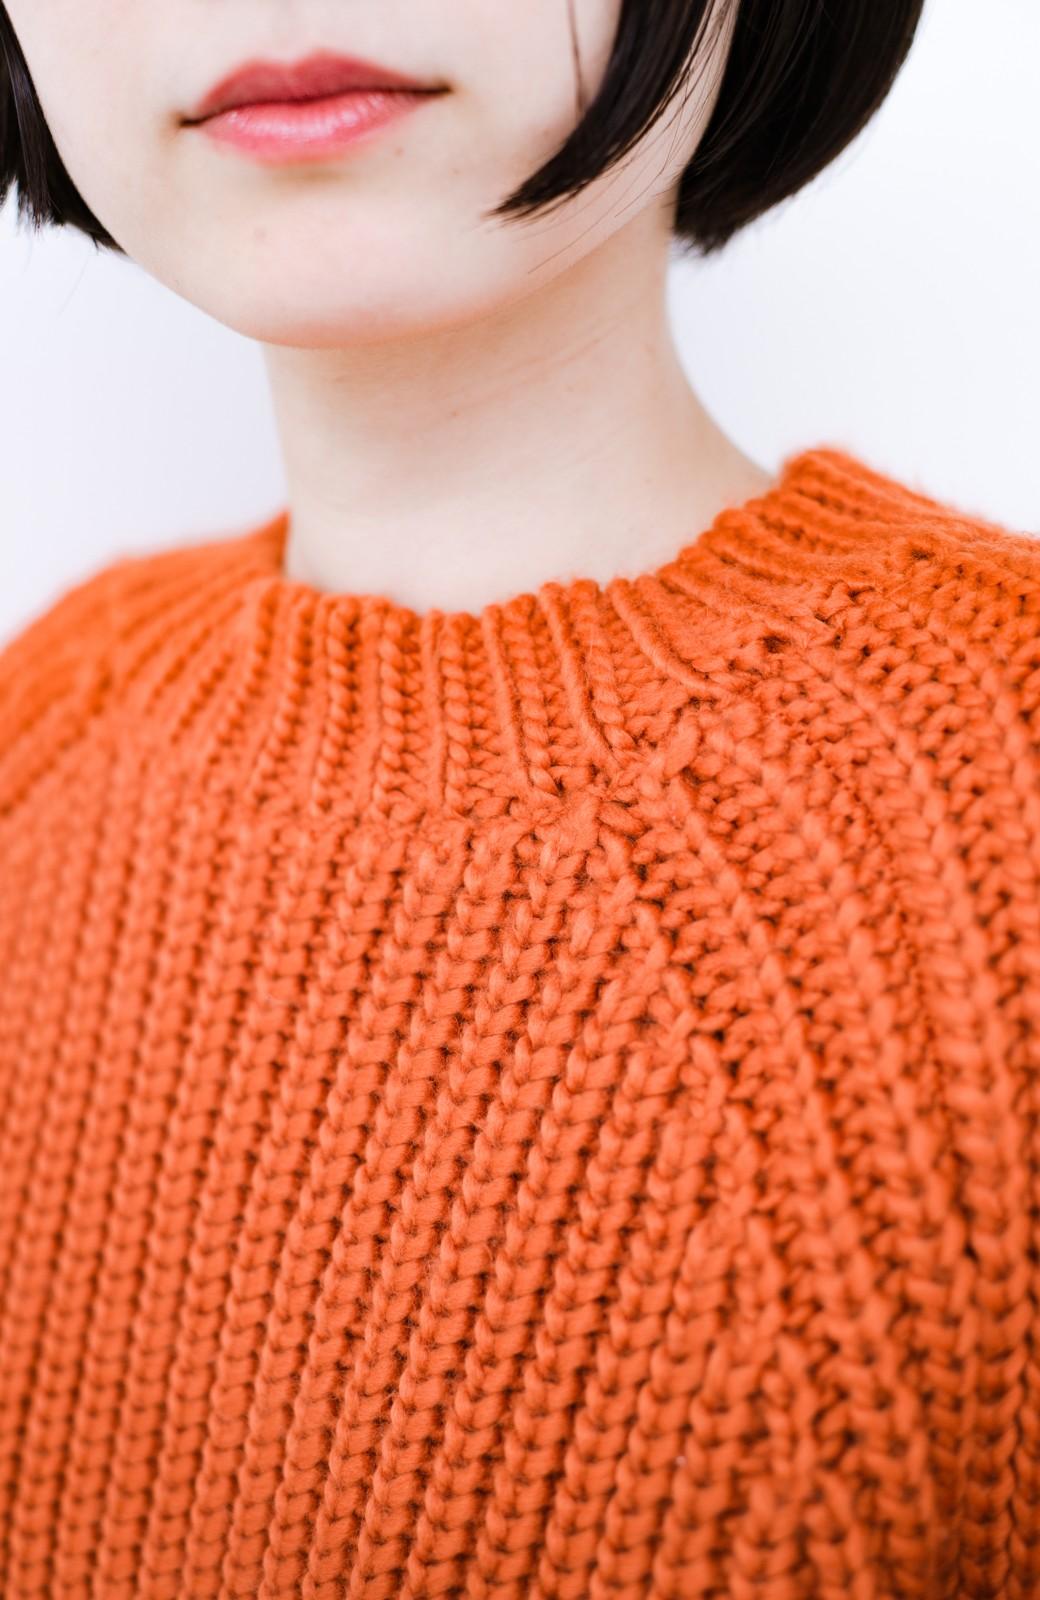 haco! <スザンヌさんコラボ>ラブ&ピースプロジェクト 袖リボンポイントの片畦編みニットトップス <オレンジ>の商品写真12